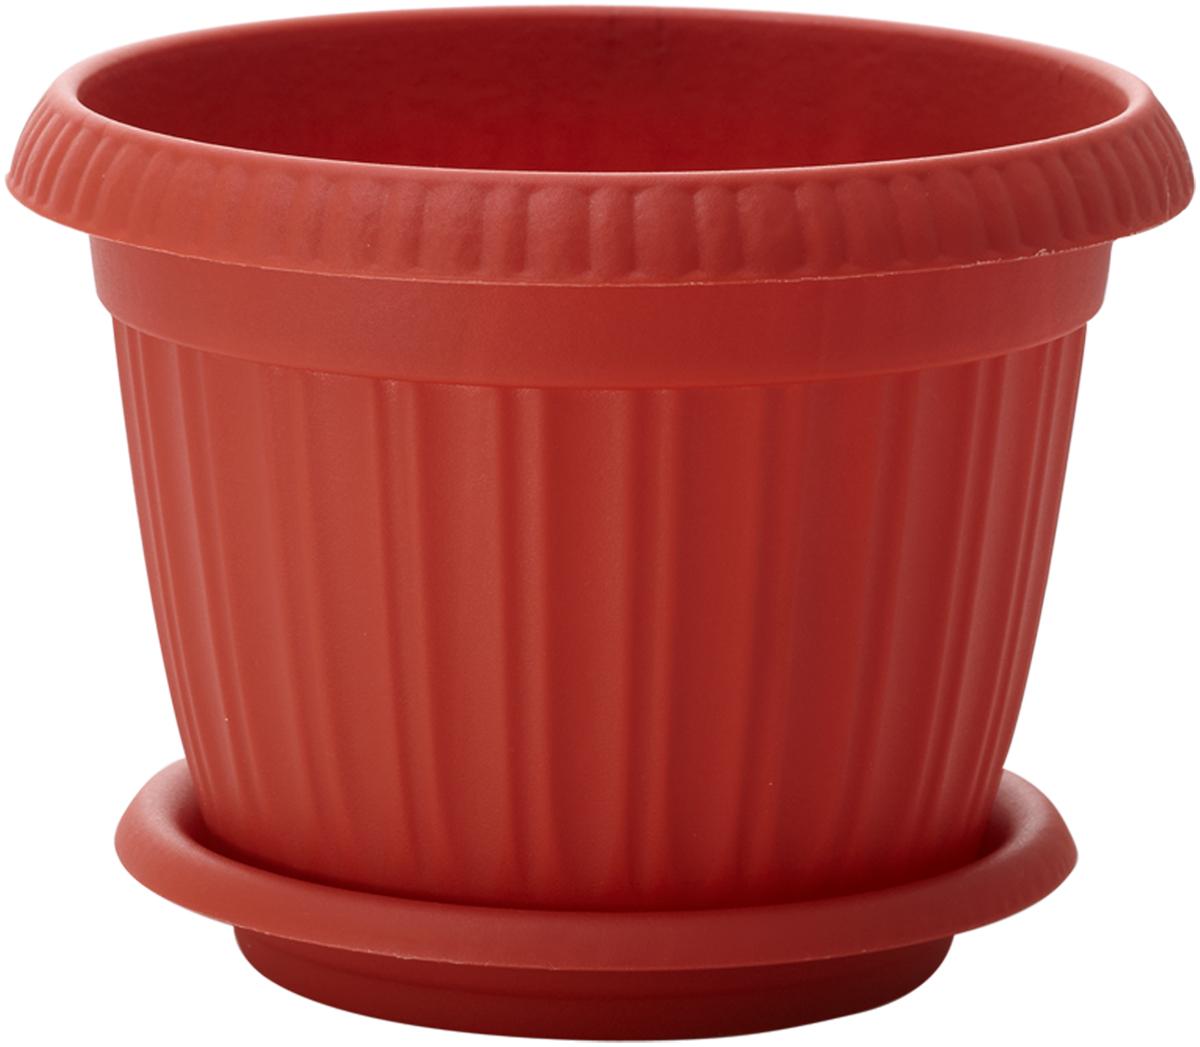 Горшок для цветов InGreen Таити, с подставкой, цвет: терракотовый, диаметр 18 см поддон для балконного ящика ingreen цвет белый длина 60 см